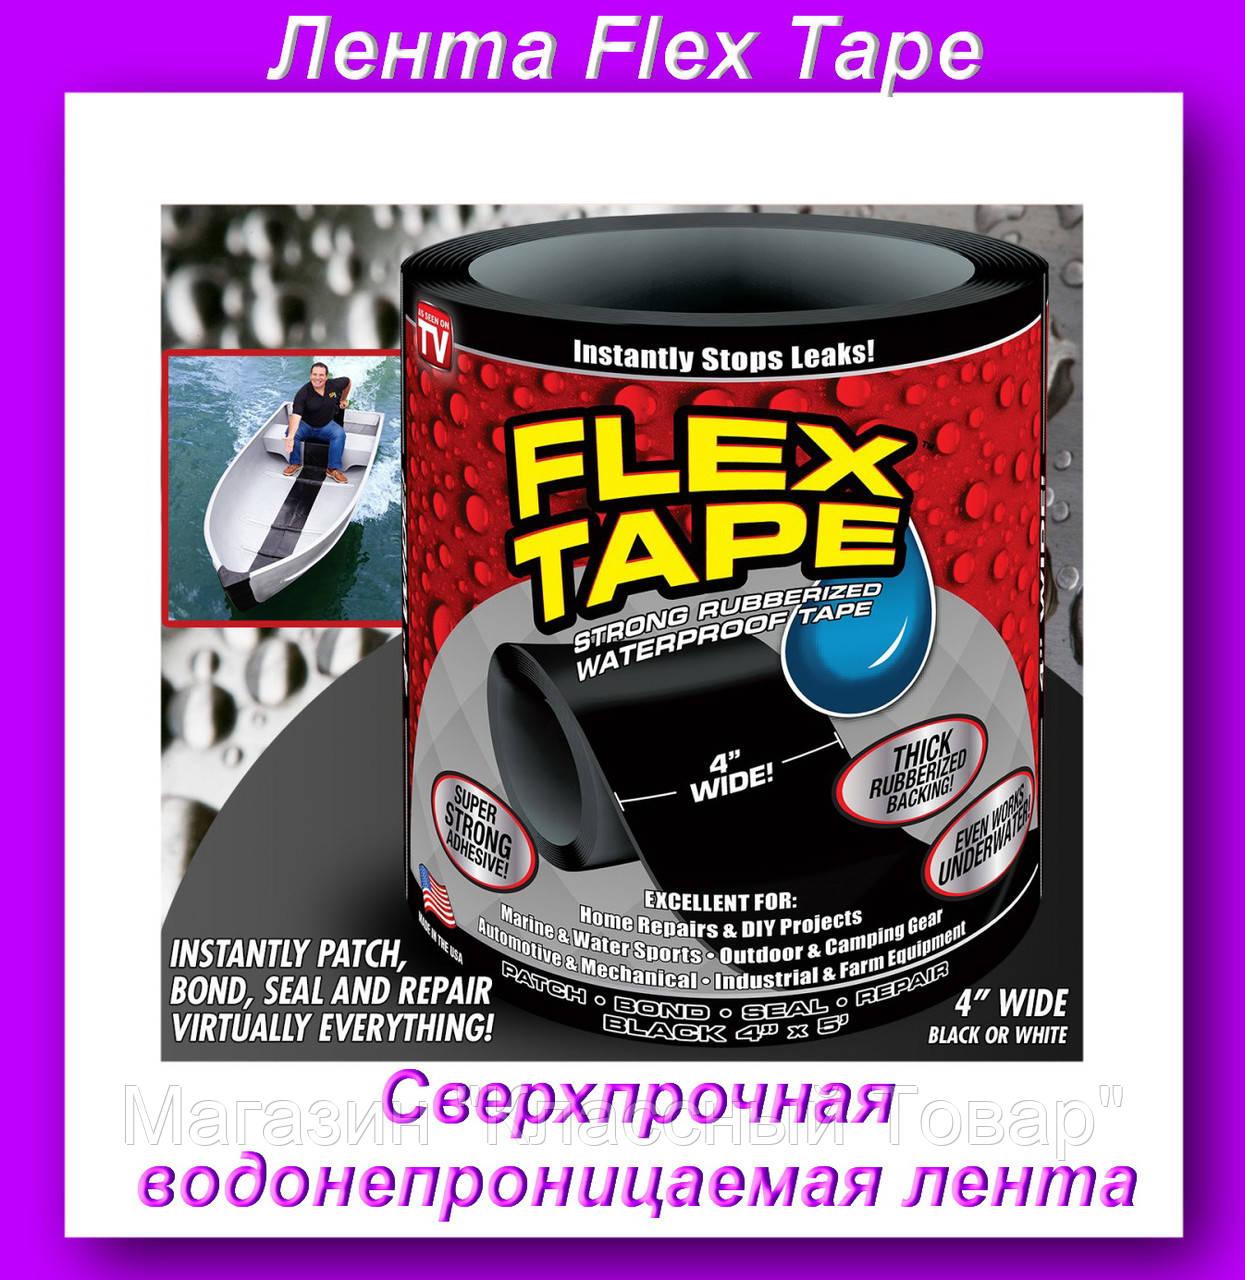 Лента Fleх Tape,Сверхпрочная водонепроницаемая лента! Лучший подарок